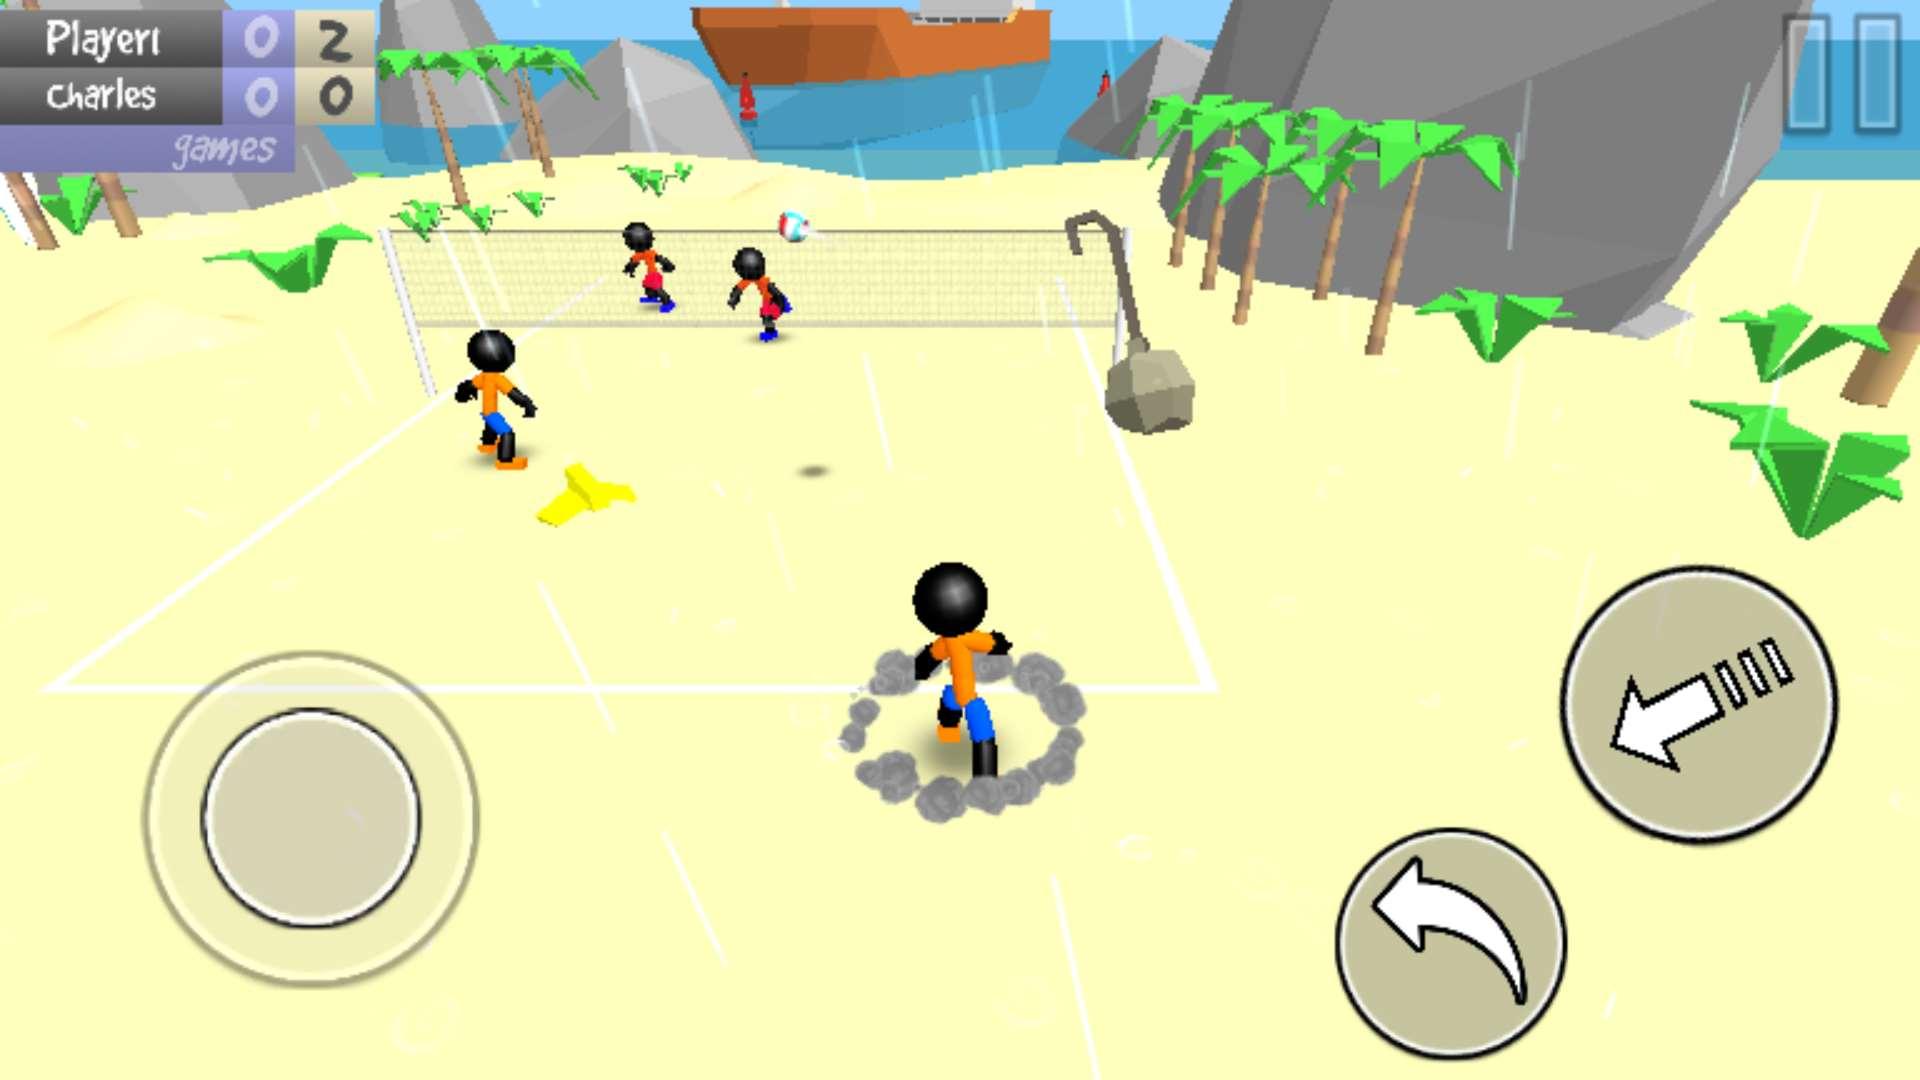 火柴人沙滩排球 v1.03截图